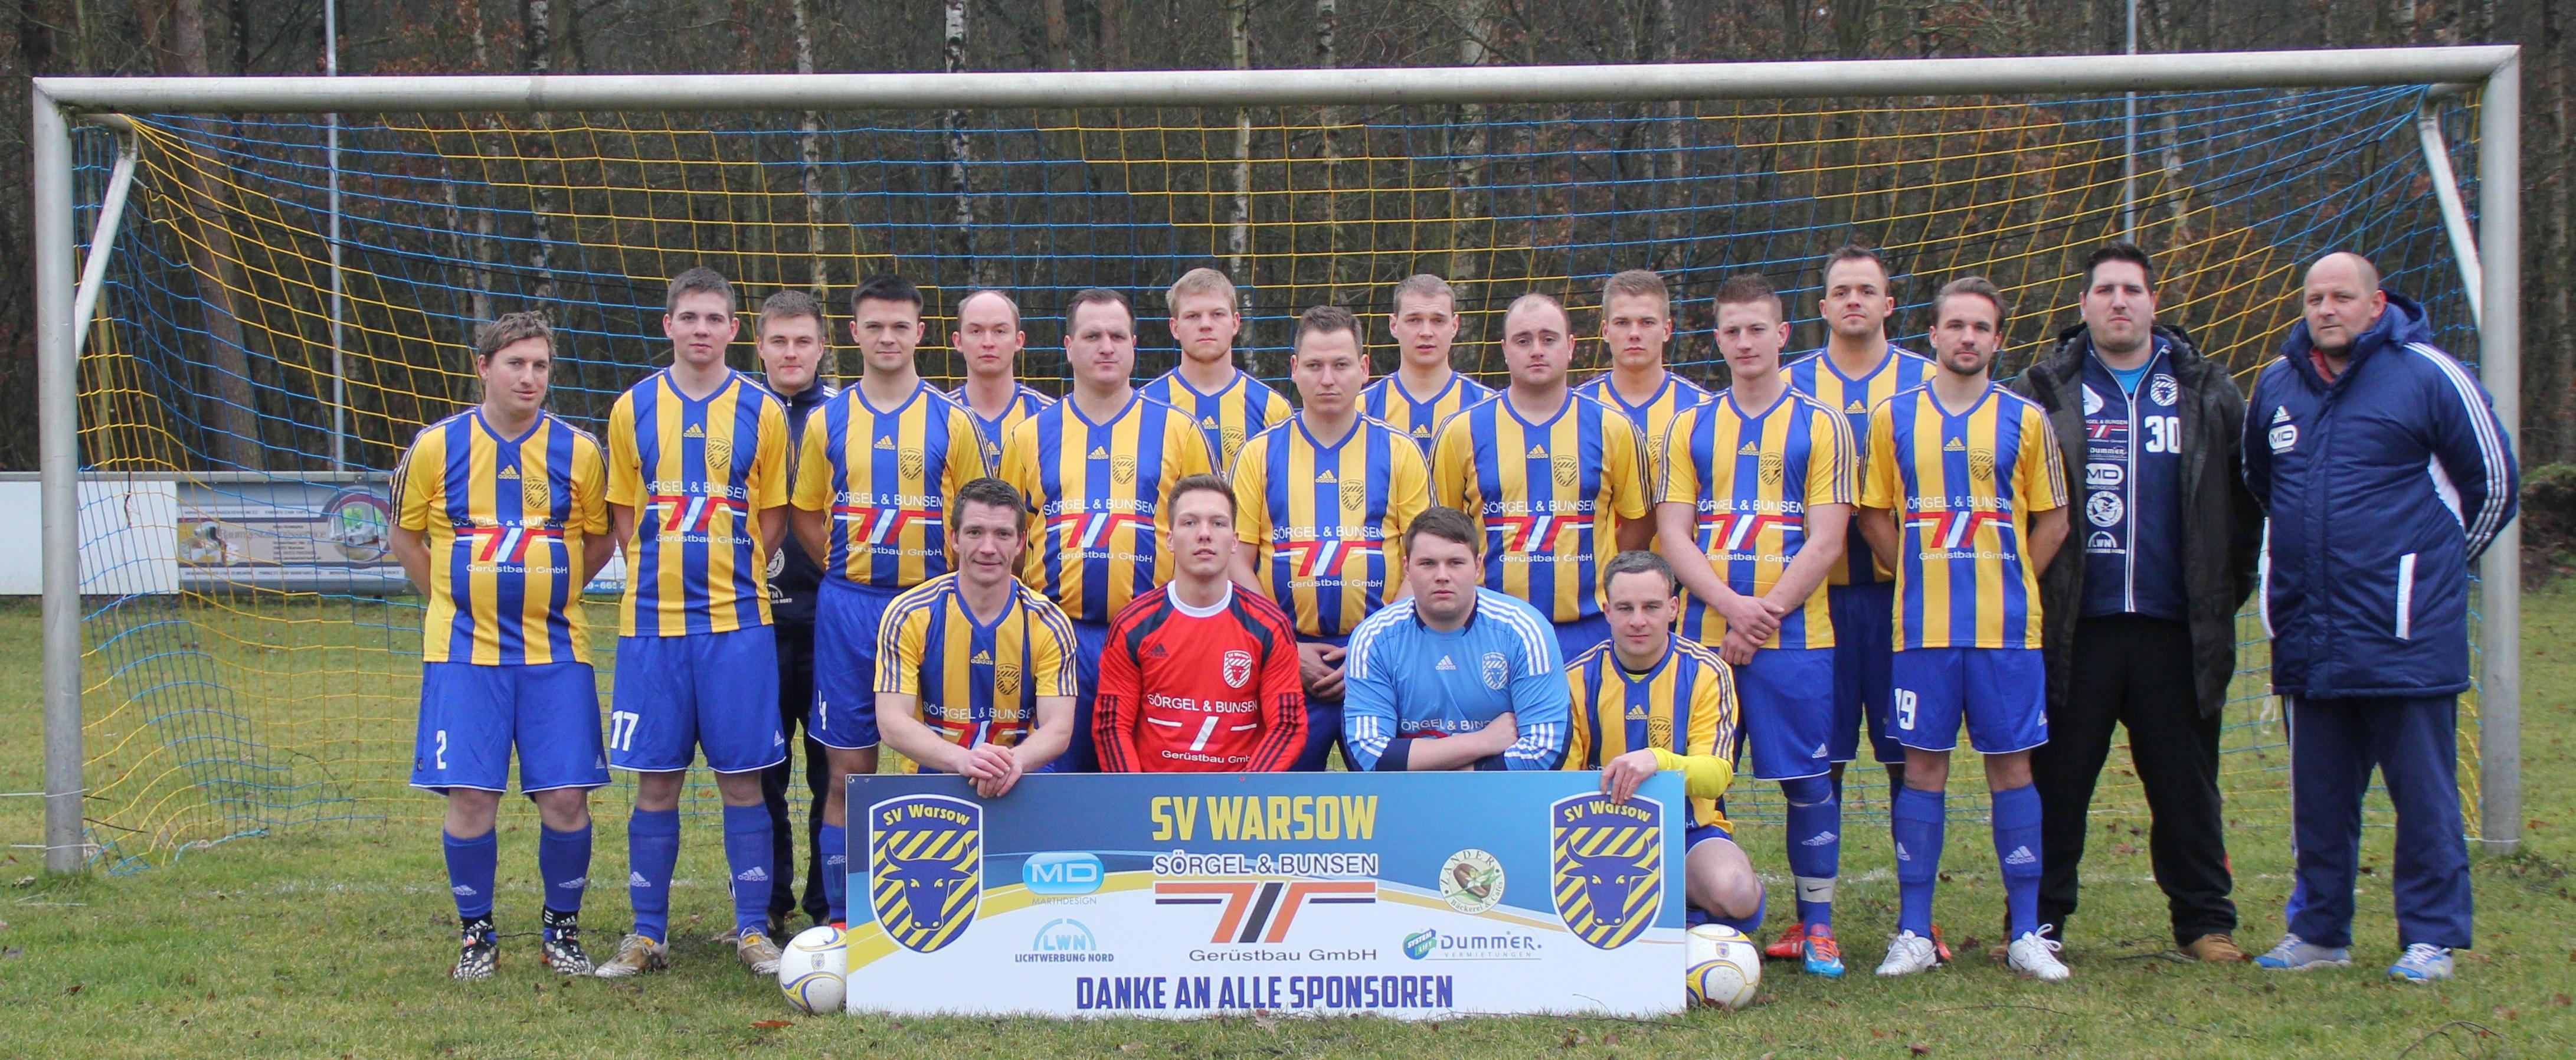 Mannschaftsfoto/Teamfoto von SV Warsow